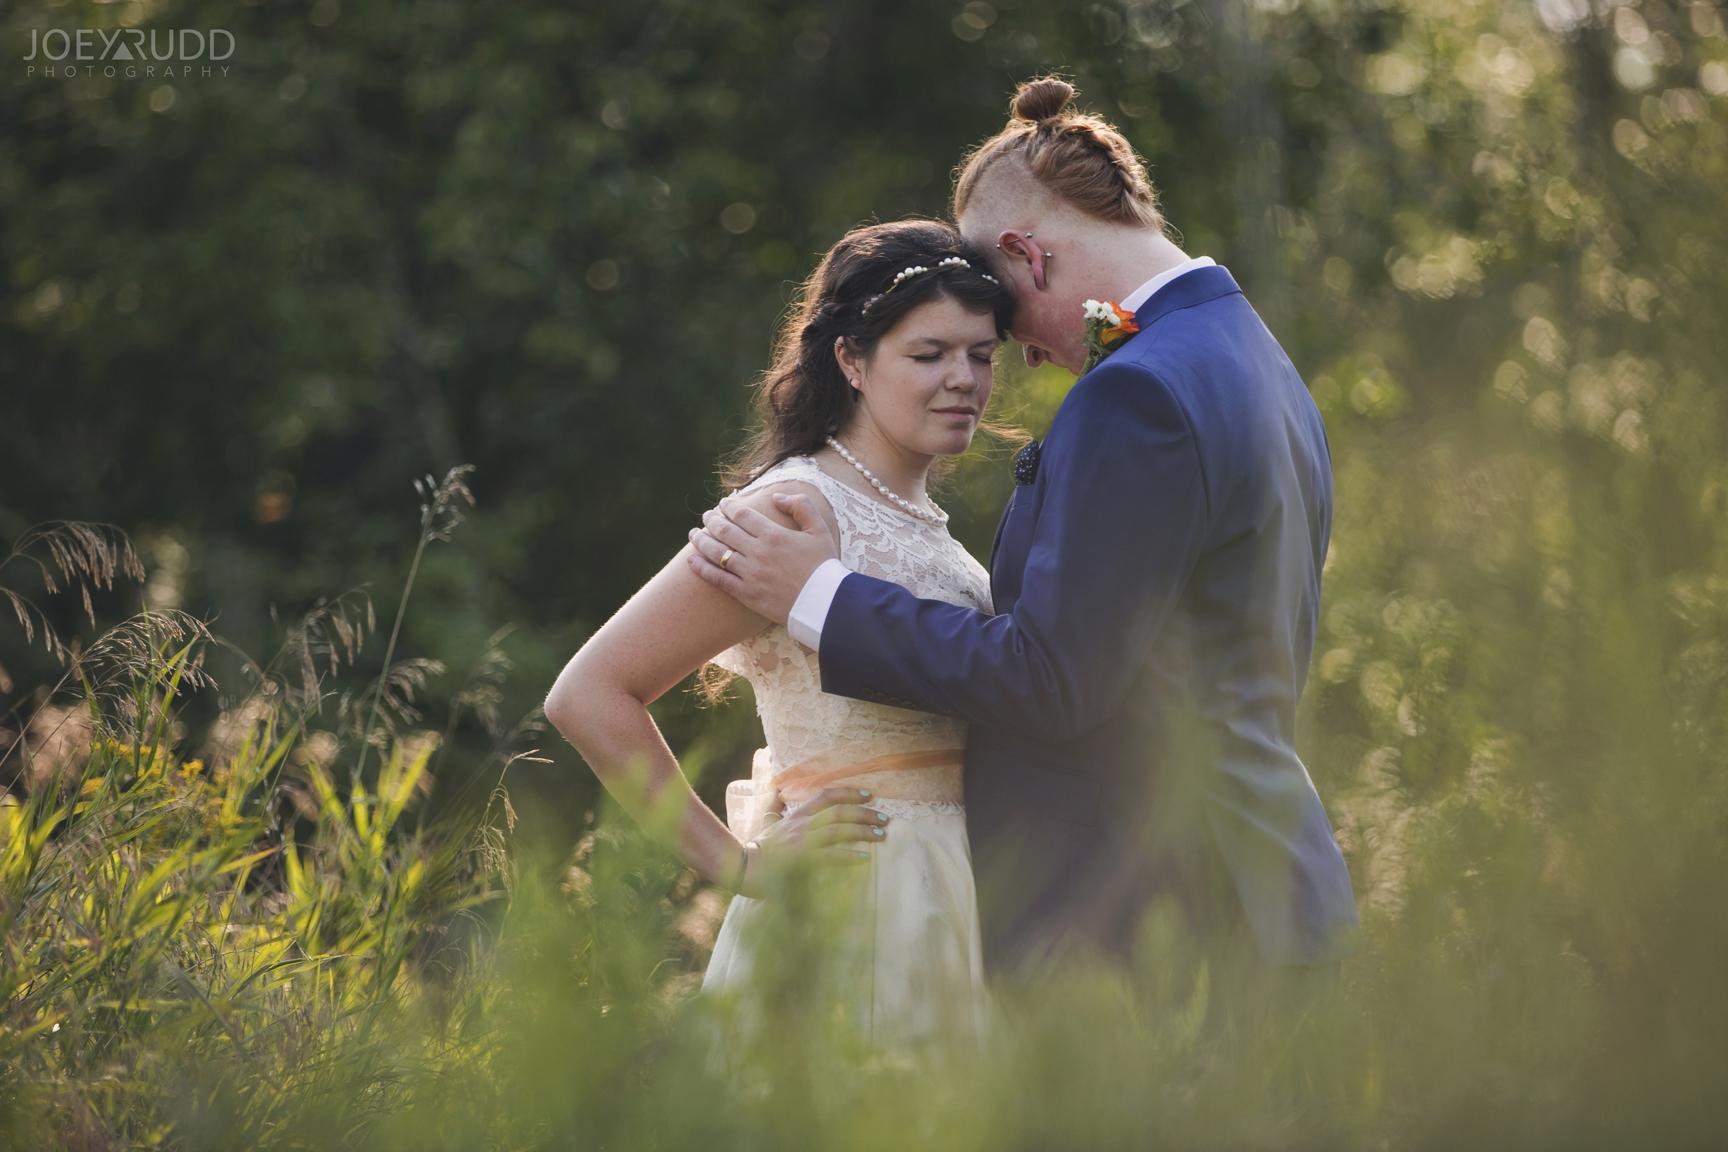 Backyard Kingston Wedding by Ottawa Wedding Photographer Joey Rudd Photography Rustic